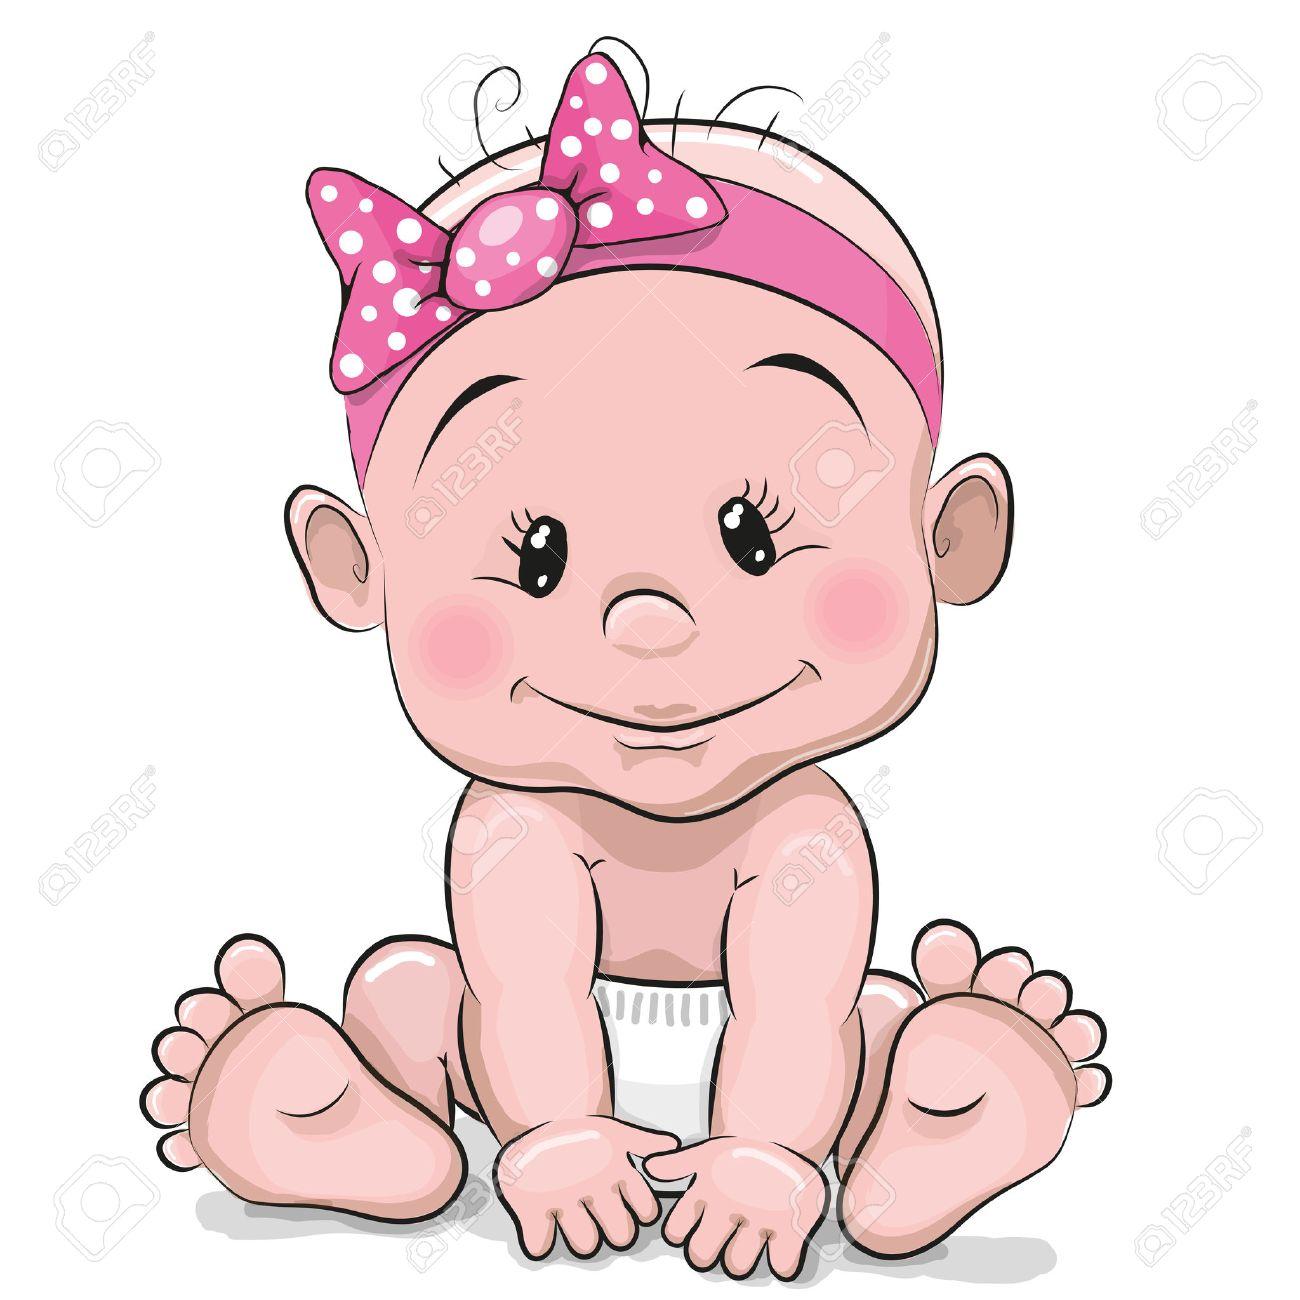 Mignon Dessin Animé Bébé Fille Isolée Sur Un Fond Blanc Clip Art